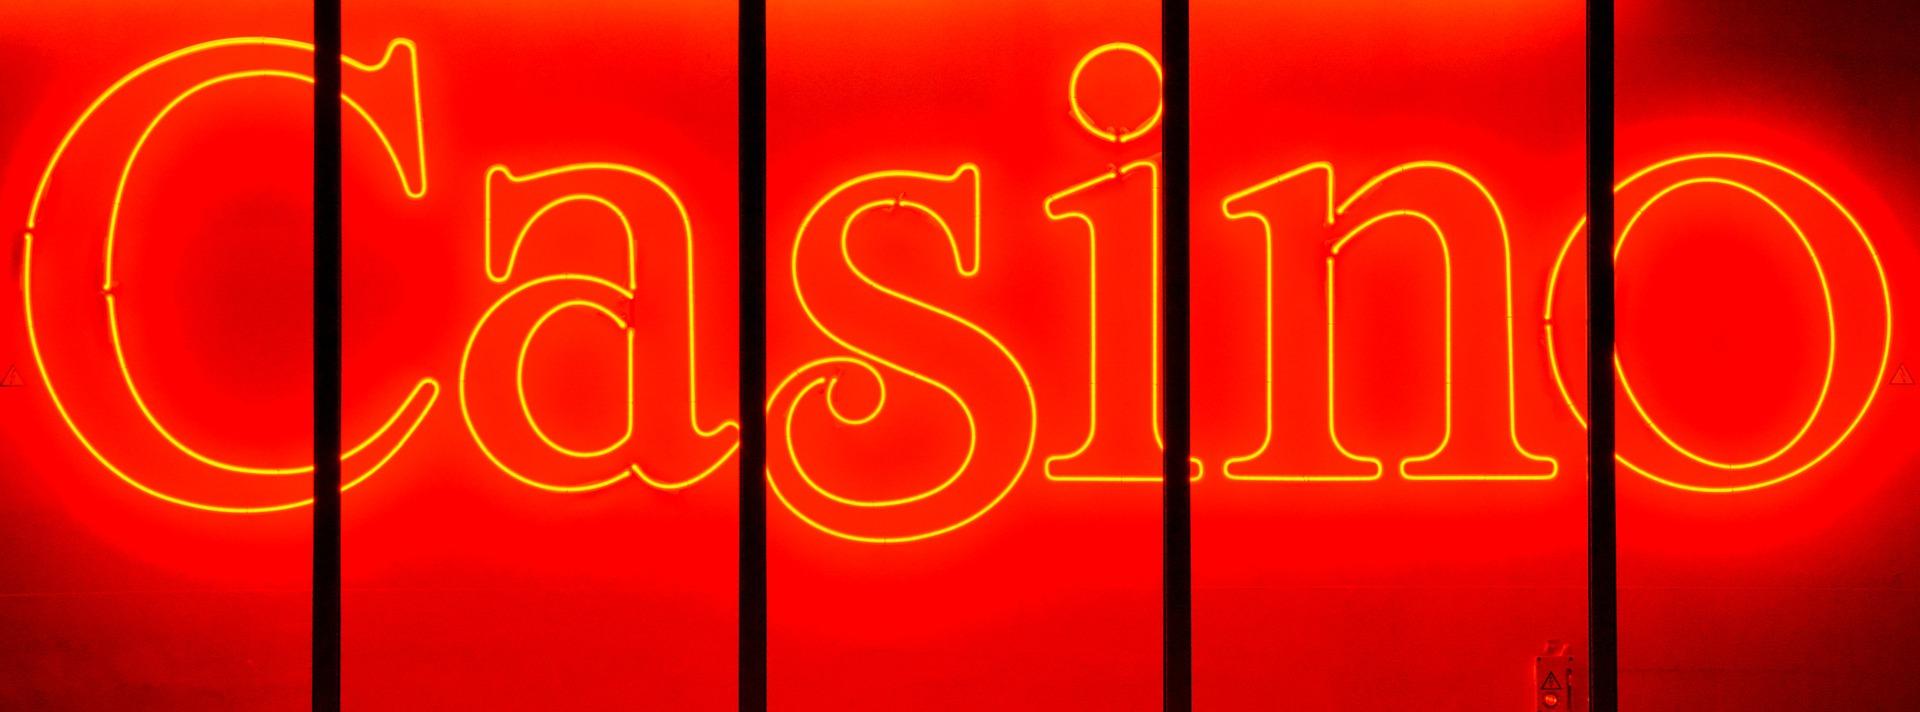 casino-748170_1920